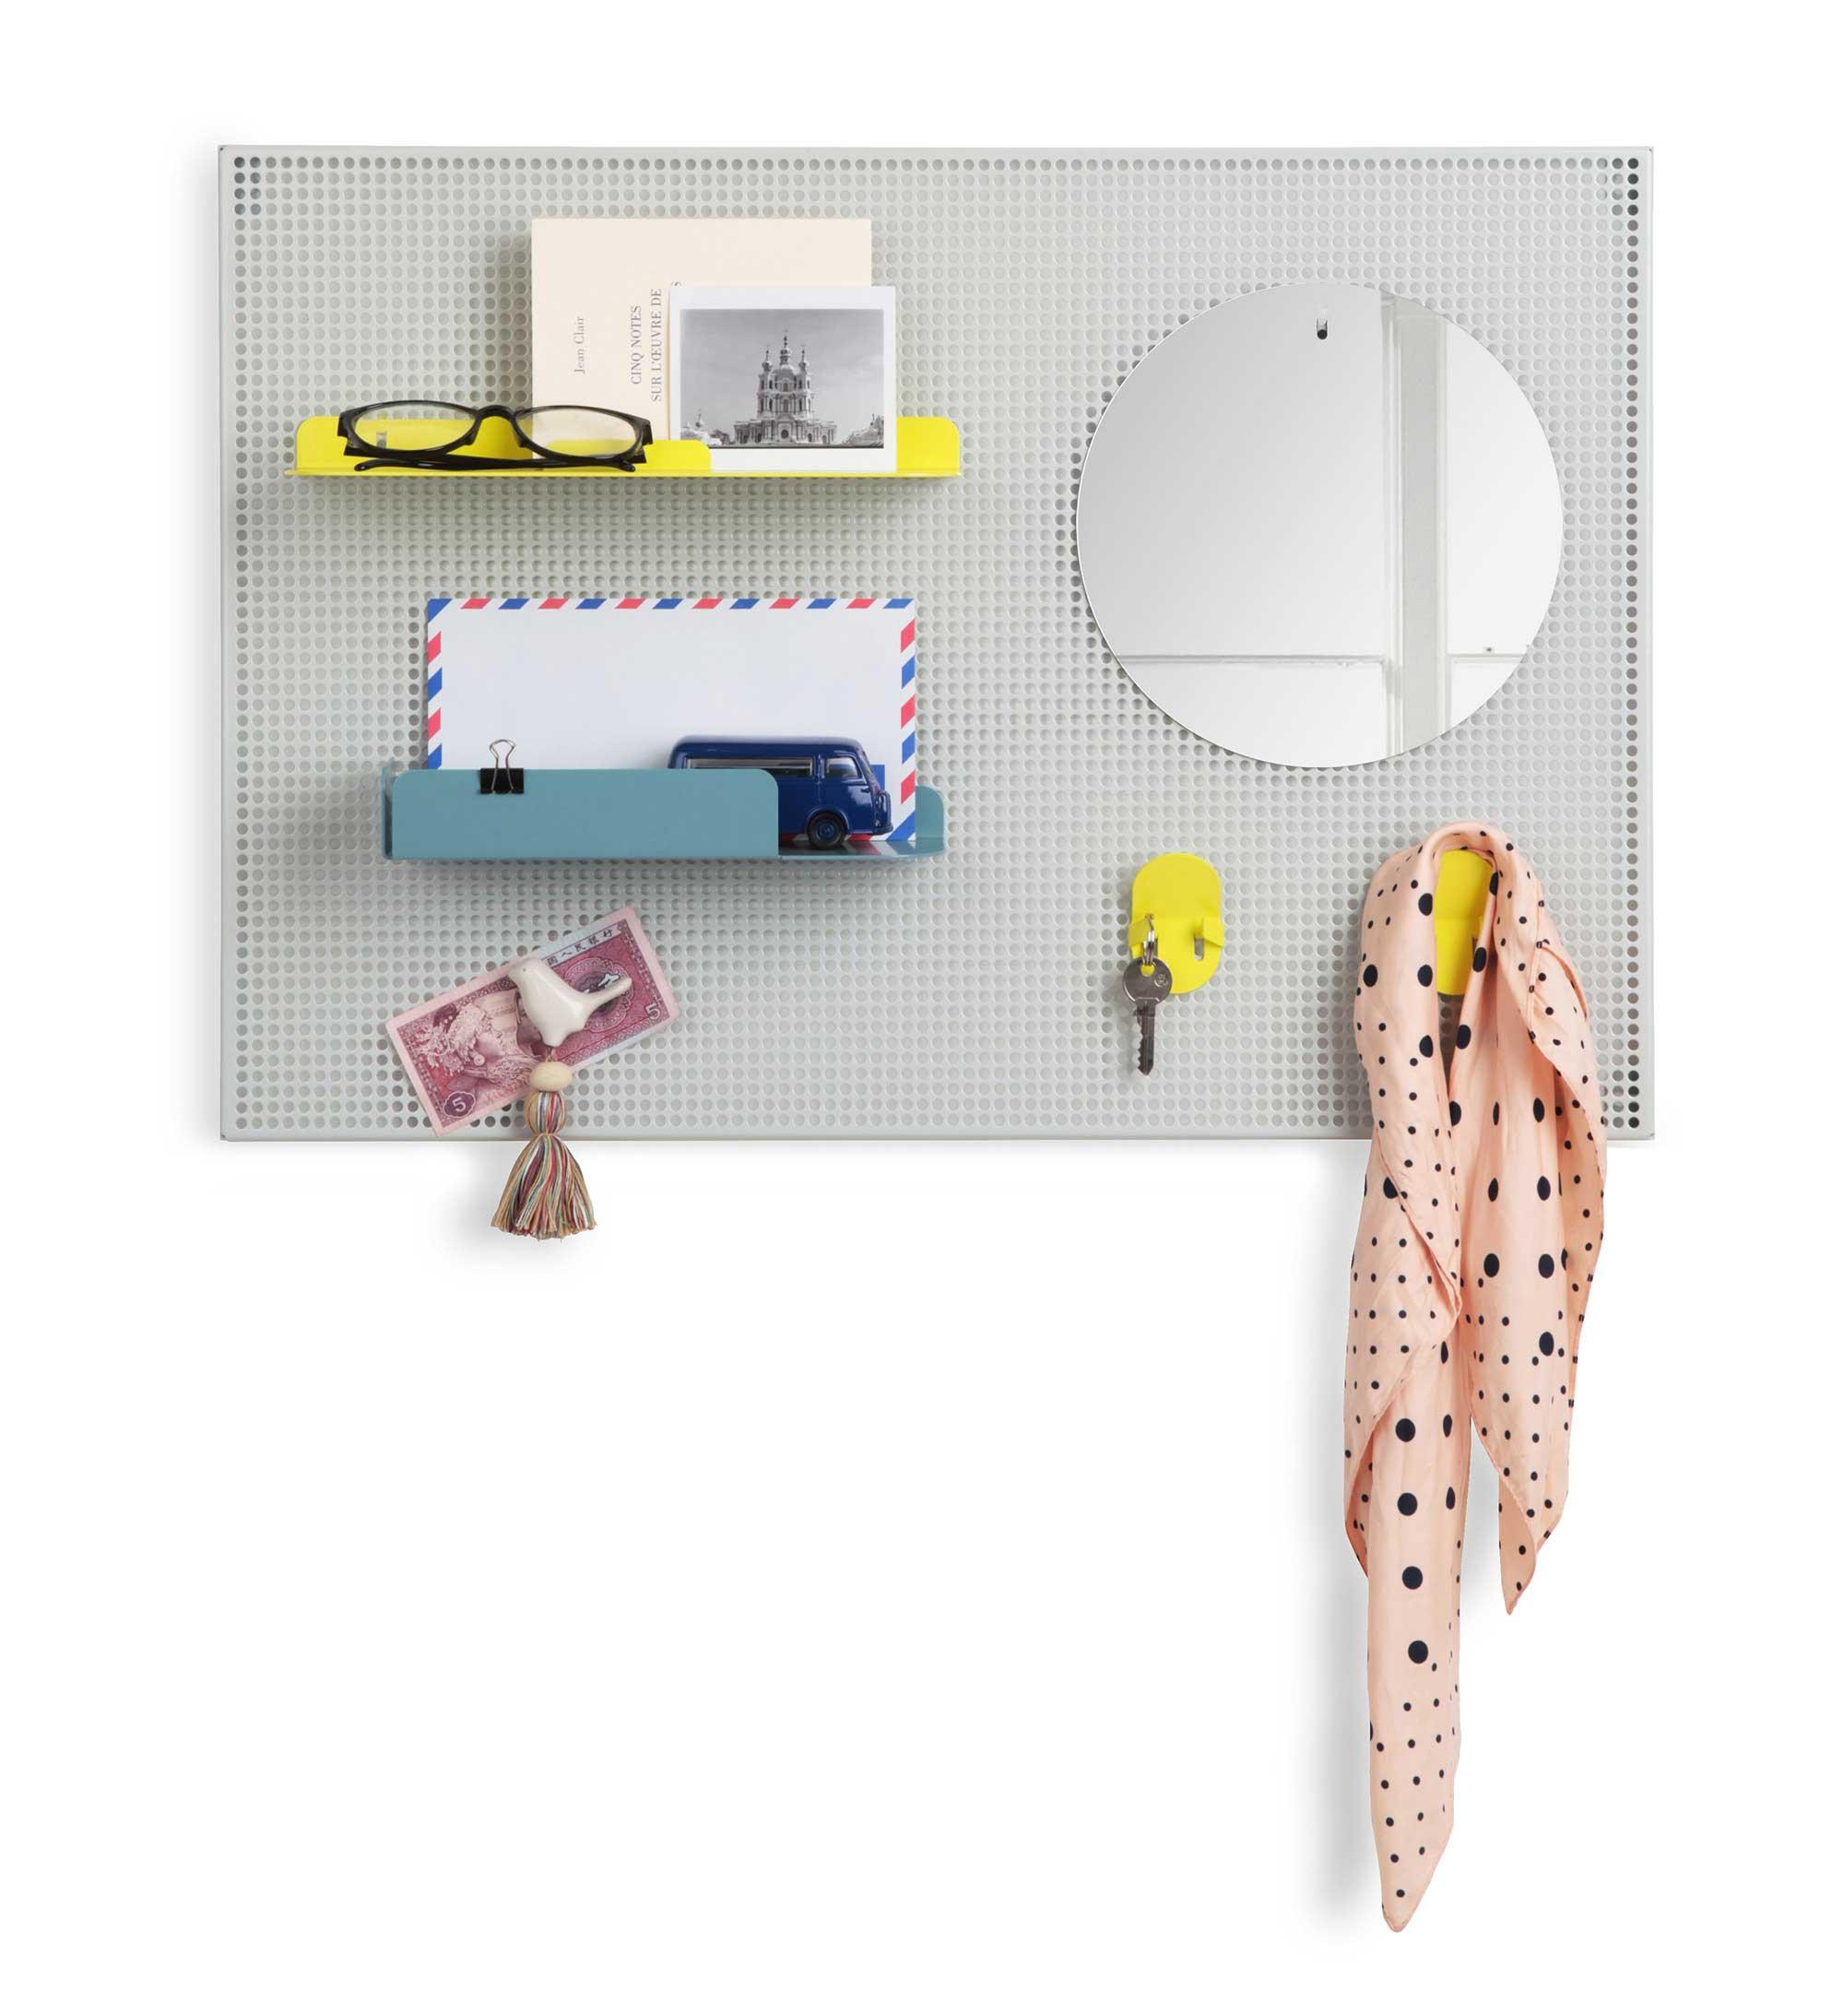 rangement mural design par hart. Black Bedroom Furniture Sets. Home Design Ideas